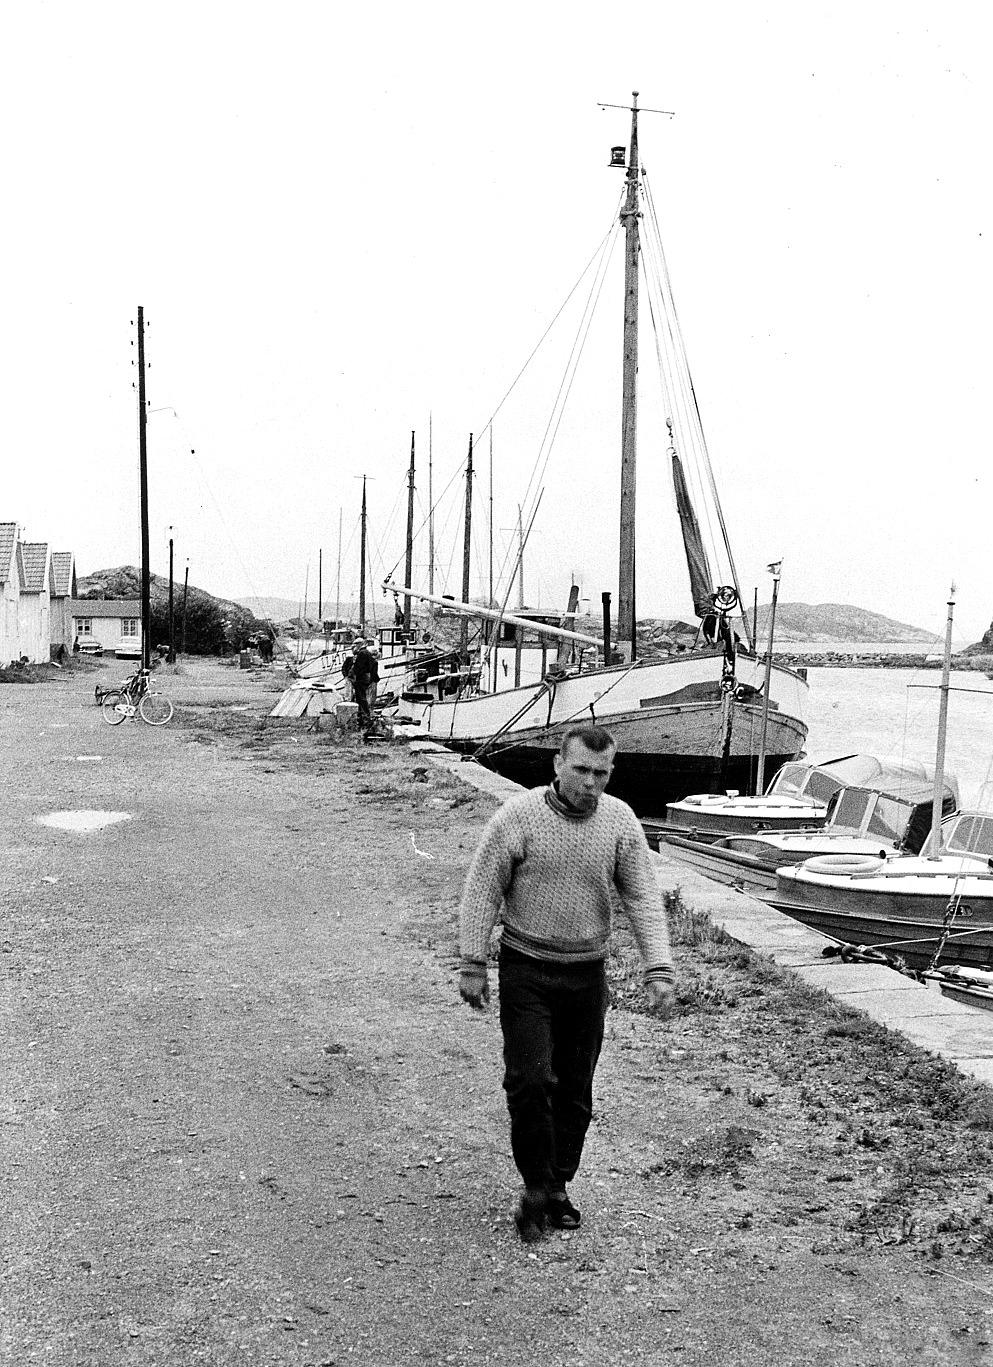 Foto Claes Funck 1963. Fiskehamn med båtar. Russvik - även kallad Skuthamn.